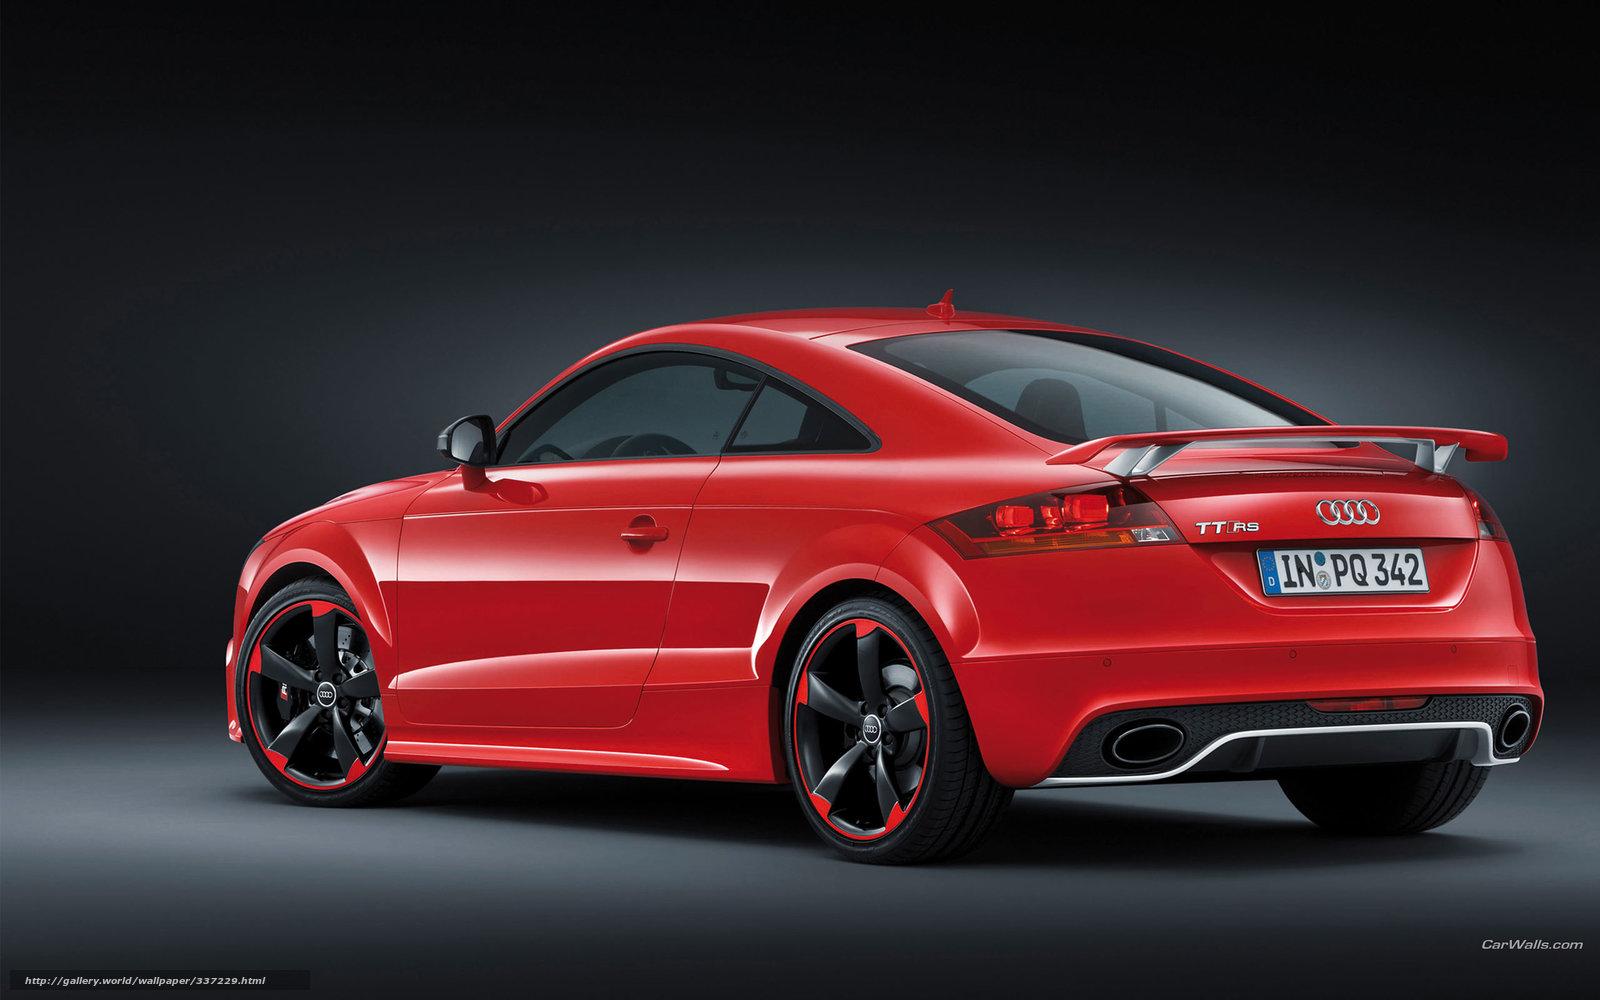 Tlcharger Fond D Ecran Audi Tt Voiture Machinerie Fonds